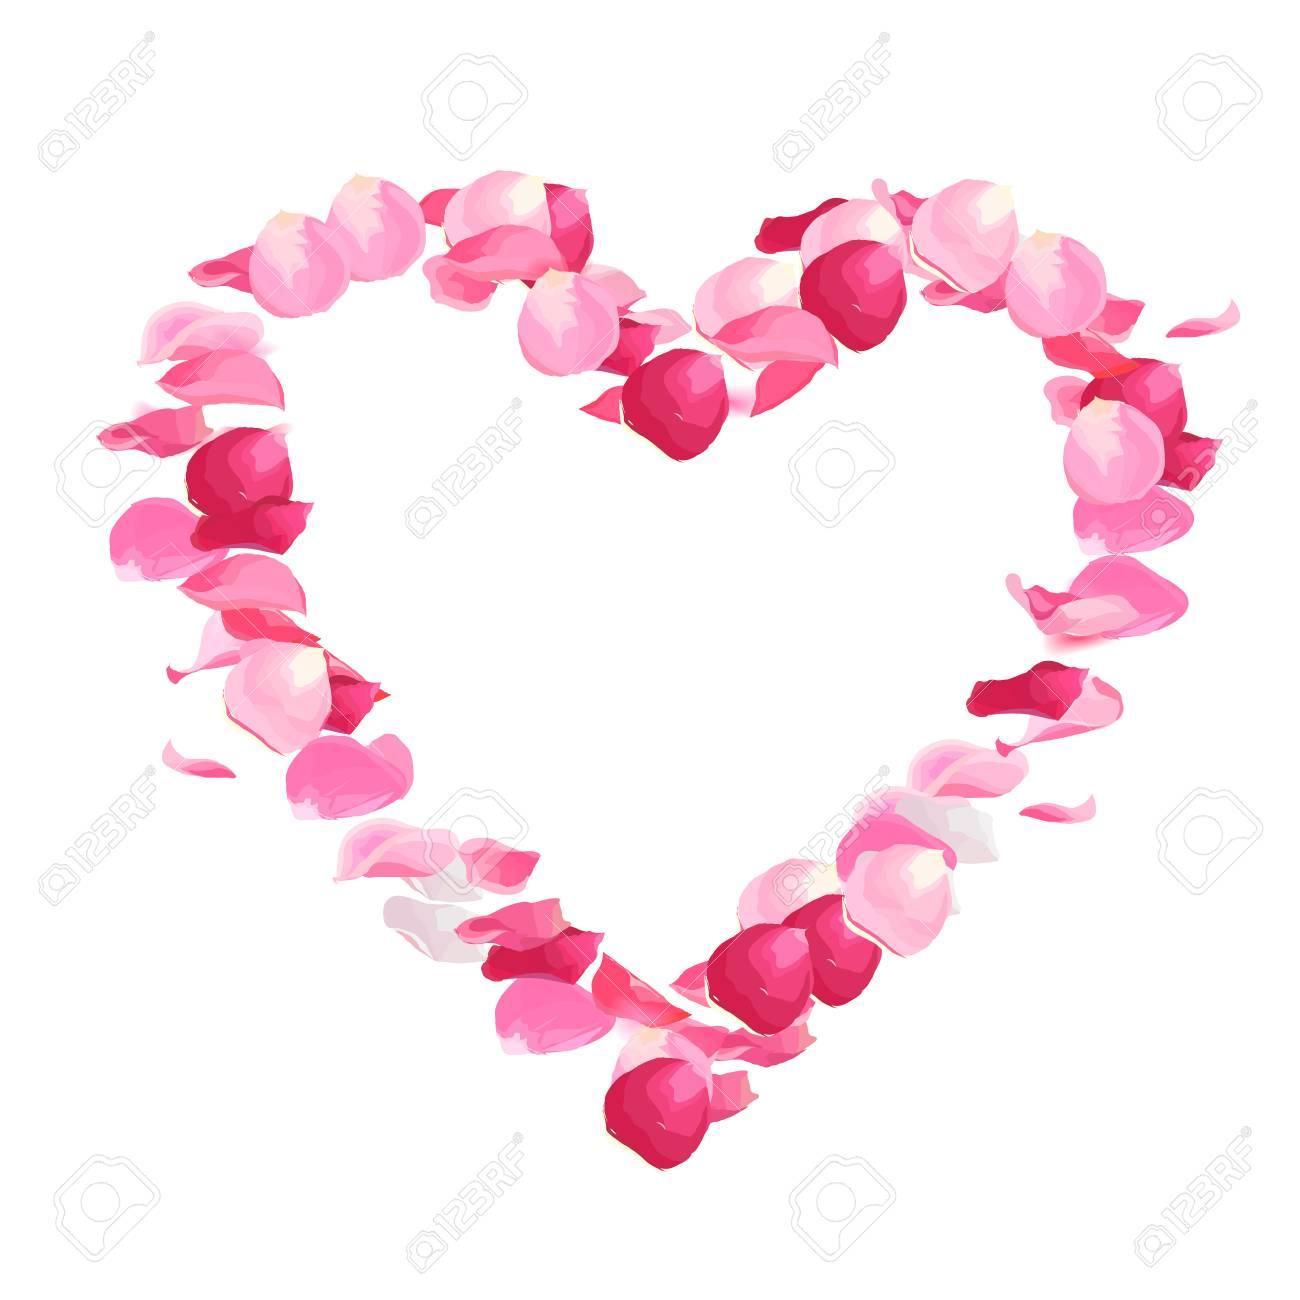 Pink Rose Petals Vector Design Heart Shaped Frame Flying In